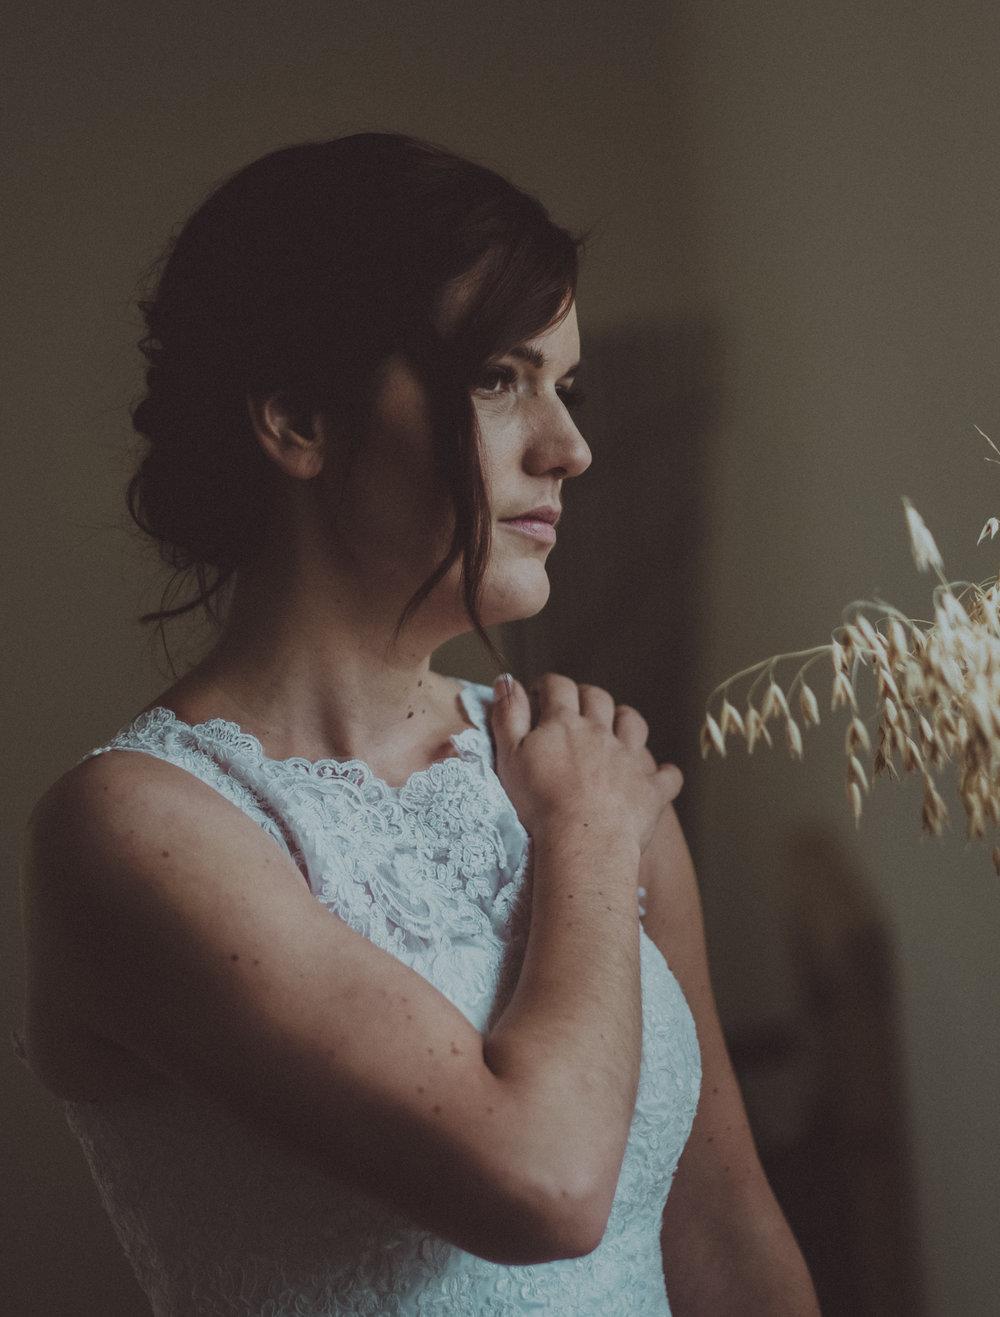 bröllopsfoto-fotograf-max-norin-92.jpg